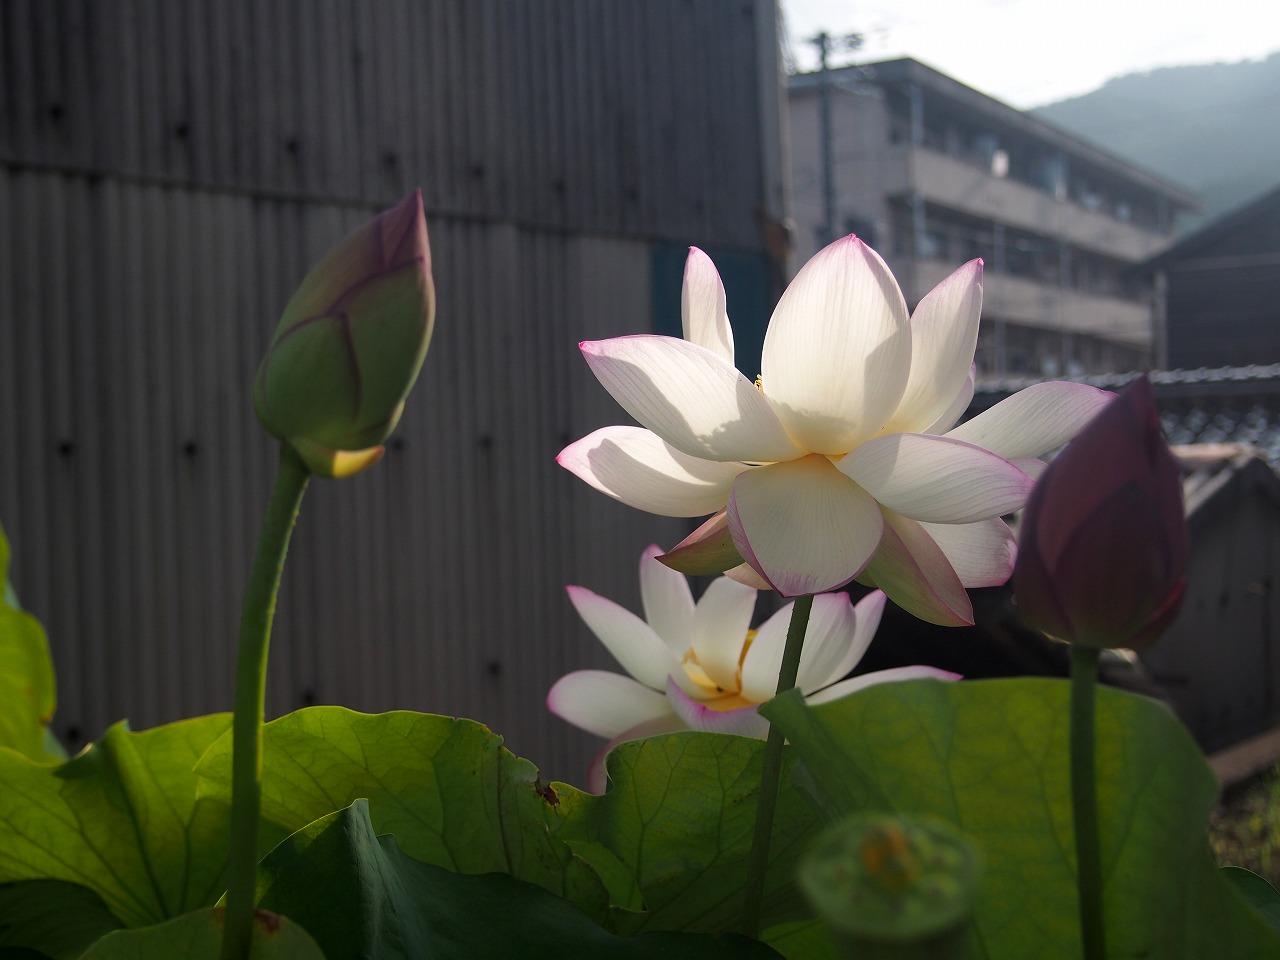 20170809-Lotus_TsumabeniChawanbasu-O02.jpg